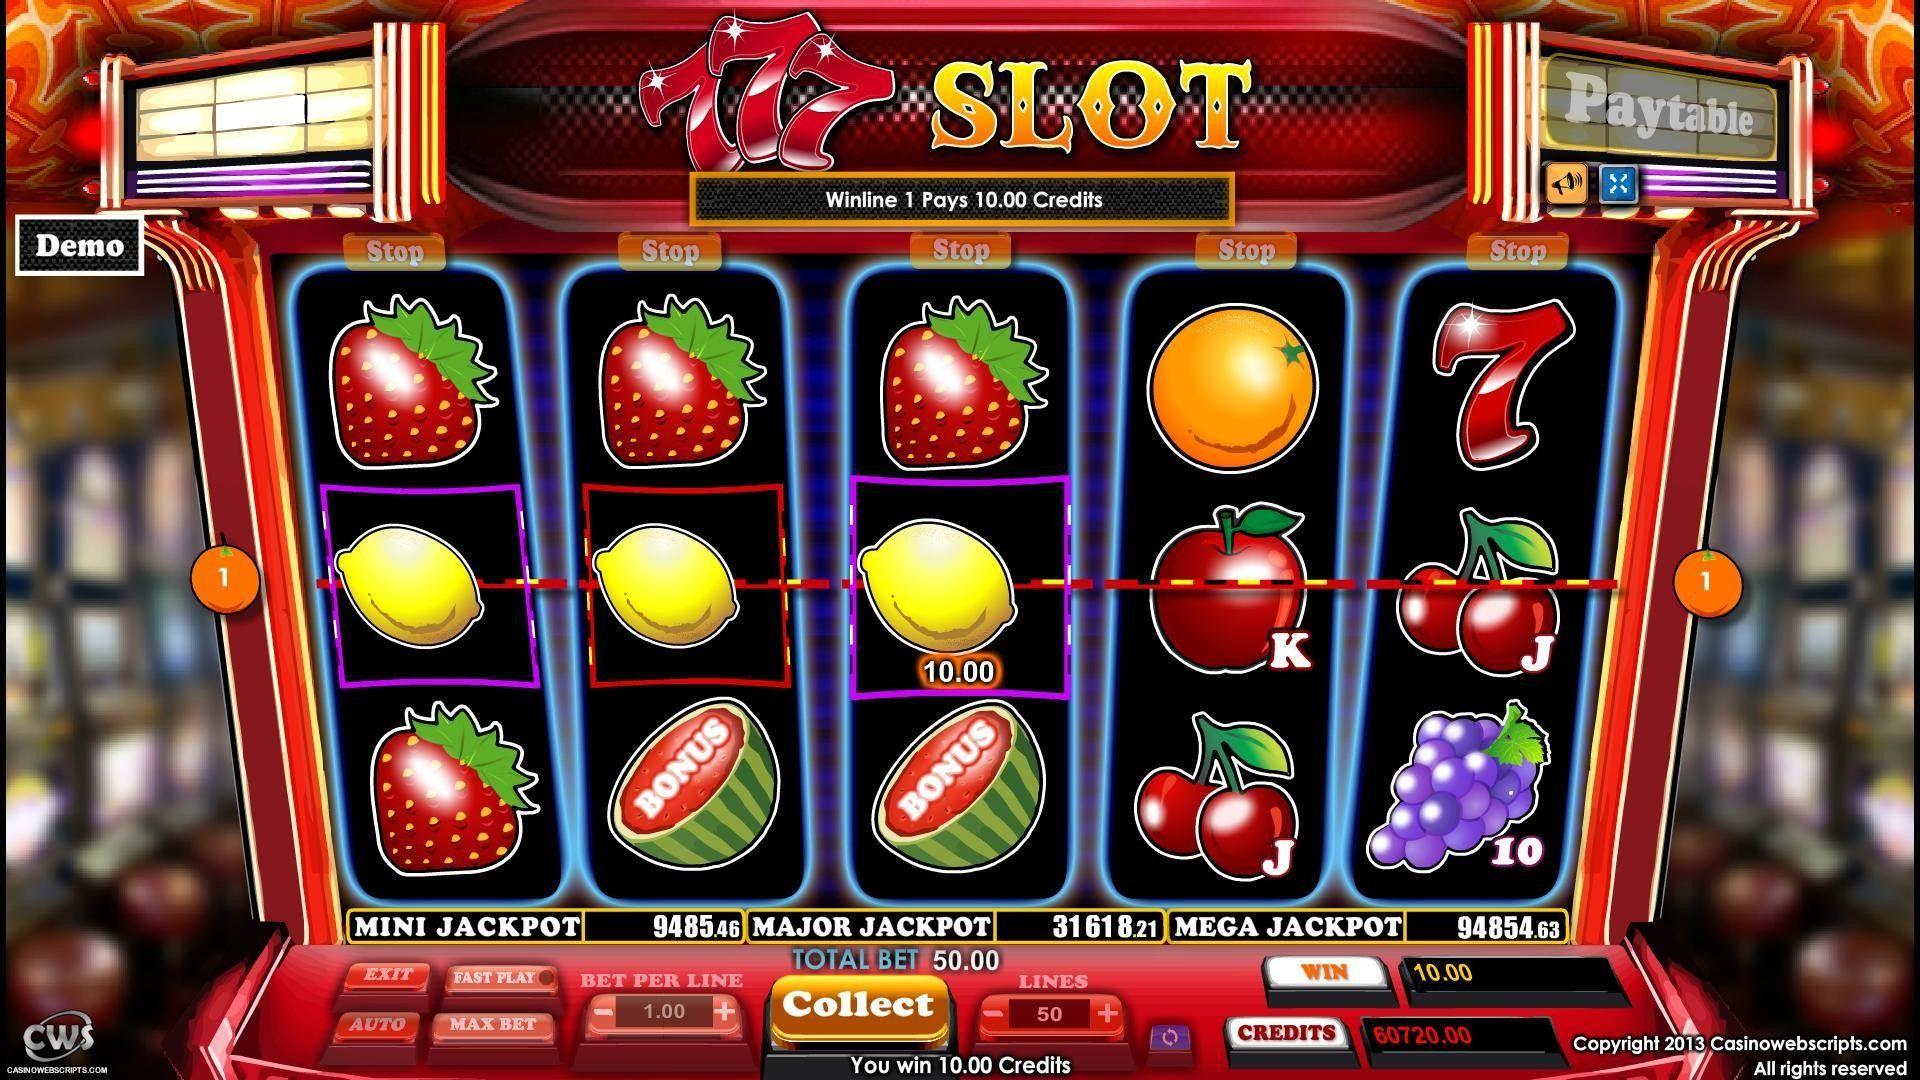 Игровые автоматы бесплатно играть онлайн бесплатно миллион скачать игровые автоматы ехе резидент